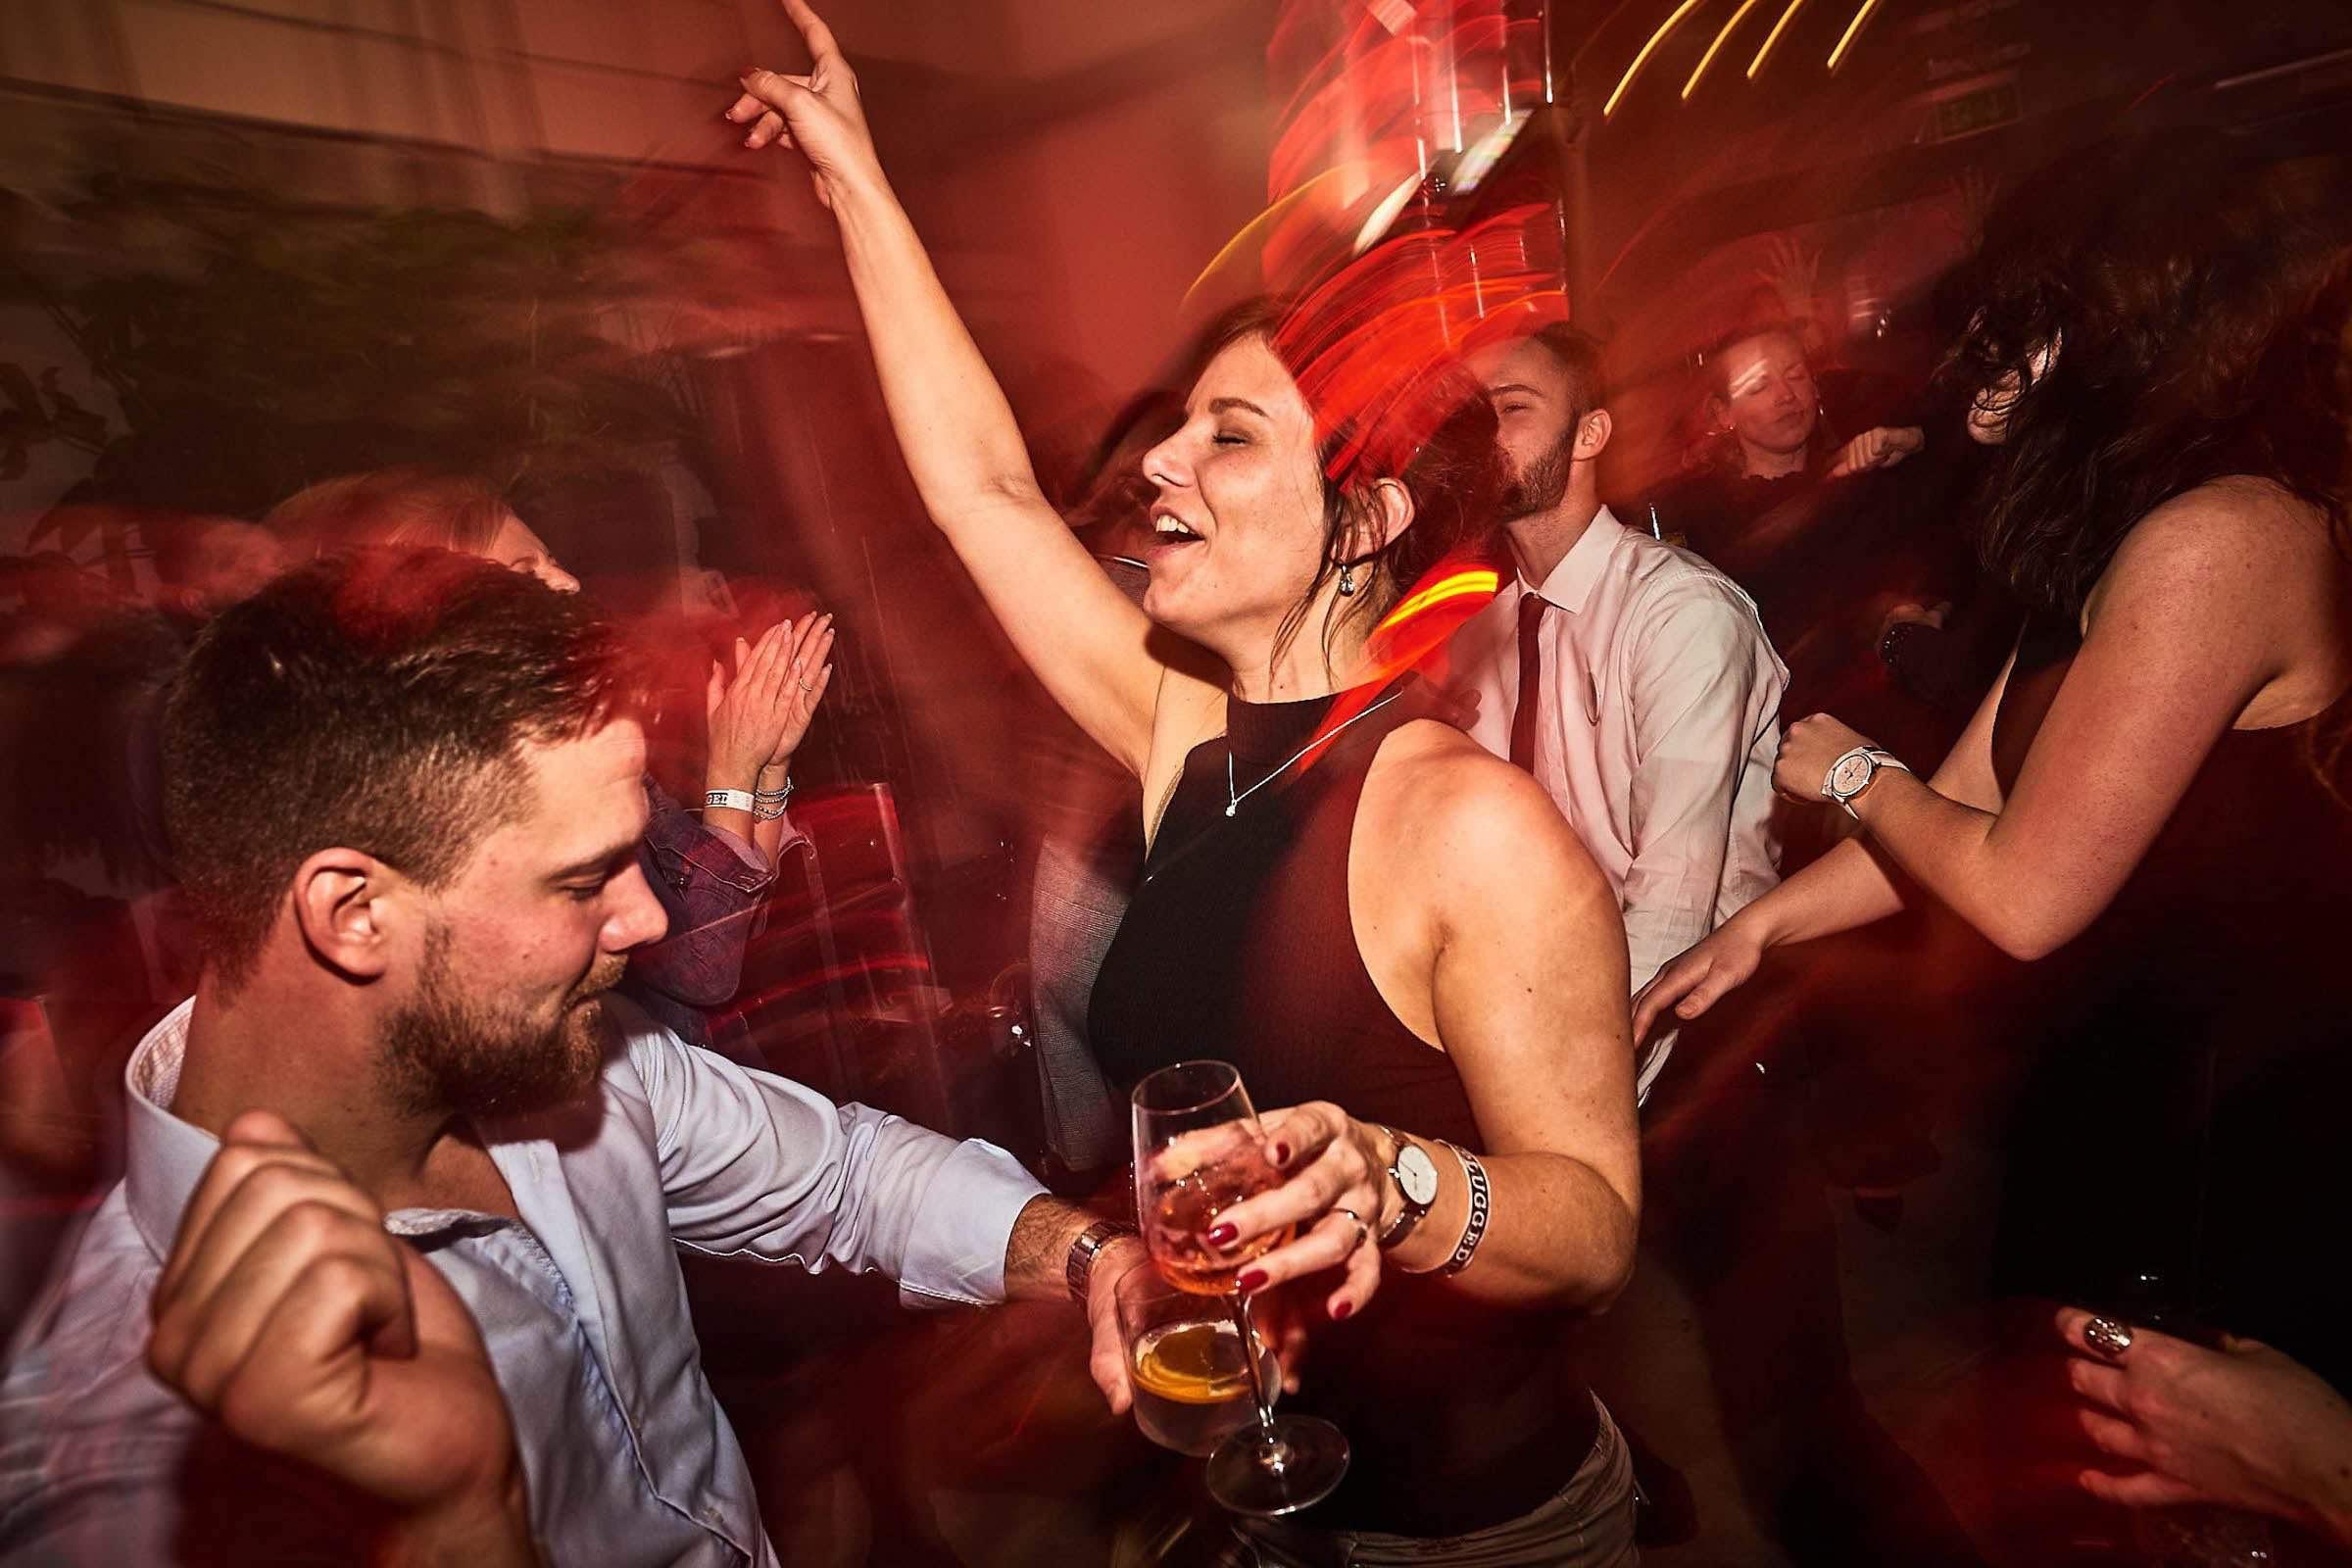 DJ | Hamburg | DJ | Agentur | DJ | Service | DJ | Messe | DJ | Firmenevent | Firmenfeier | DJ | Weihnachtsfeier | DJ | Sommerfest | DJ | Weihnachtsfeier | DJ | Event | DJ | Mieten | Buchen | Anfragen | Hamburgfeiert